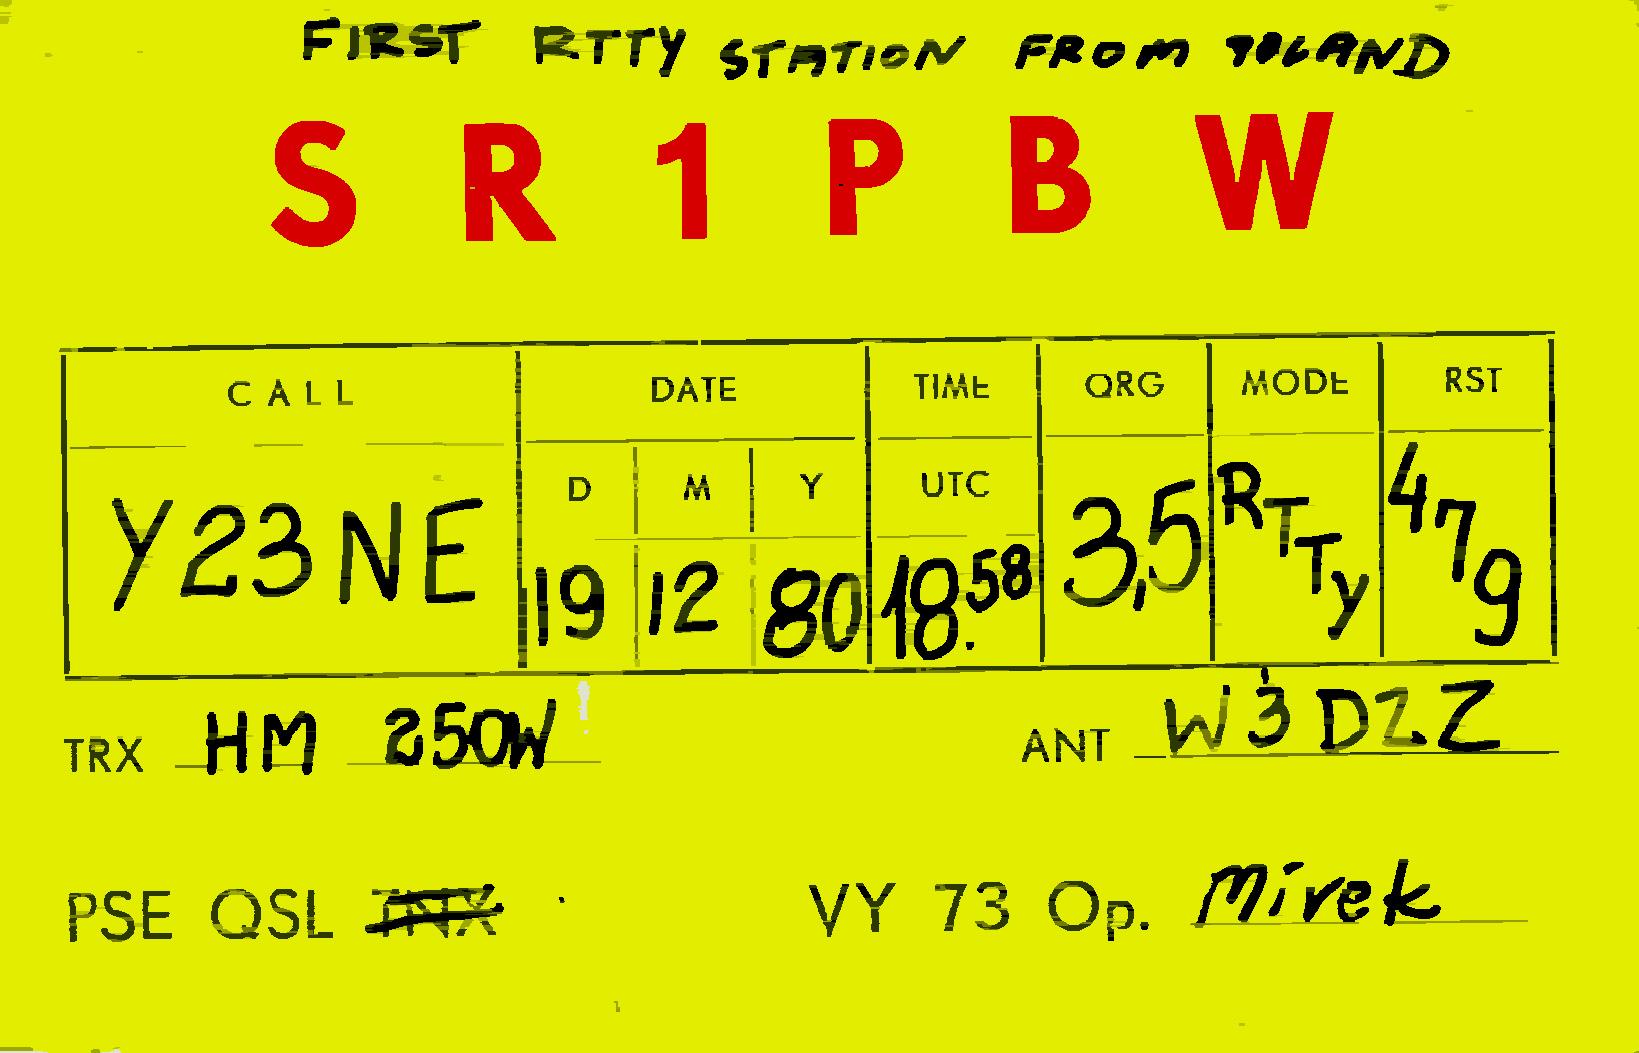 Images: SP1PBW-1.jpg